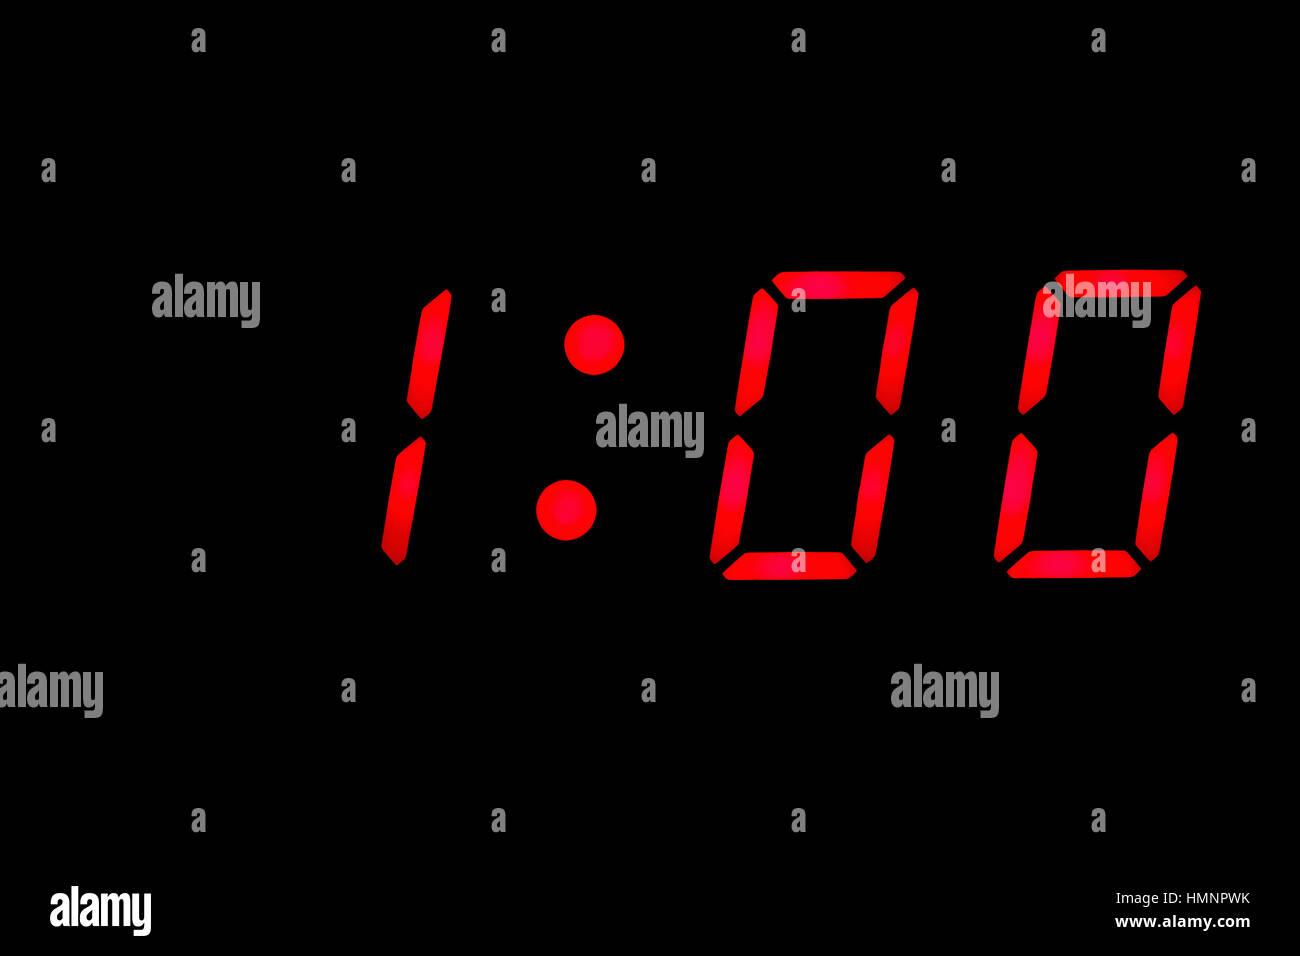 Digital clock closeup displaying 1:00 o'clock - Stock Image